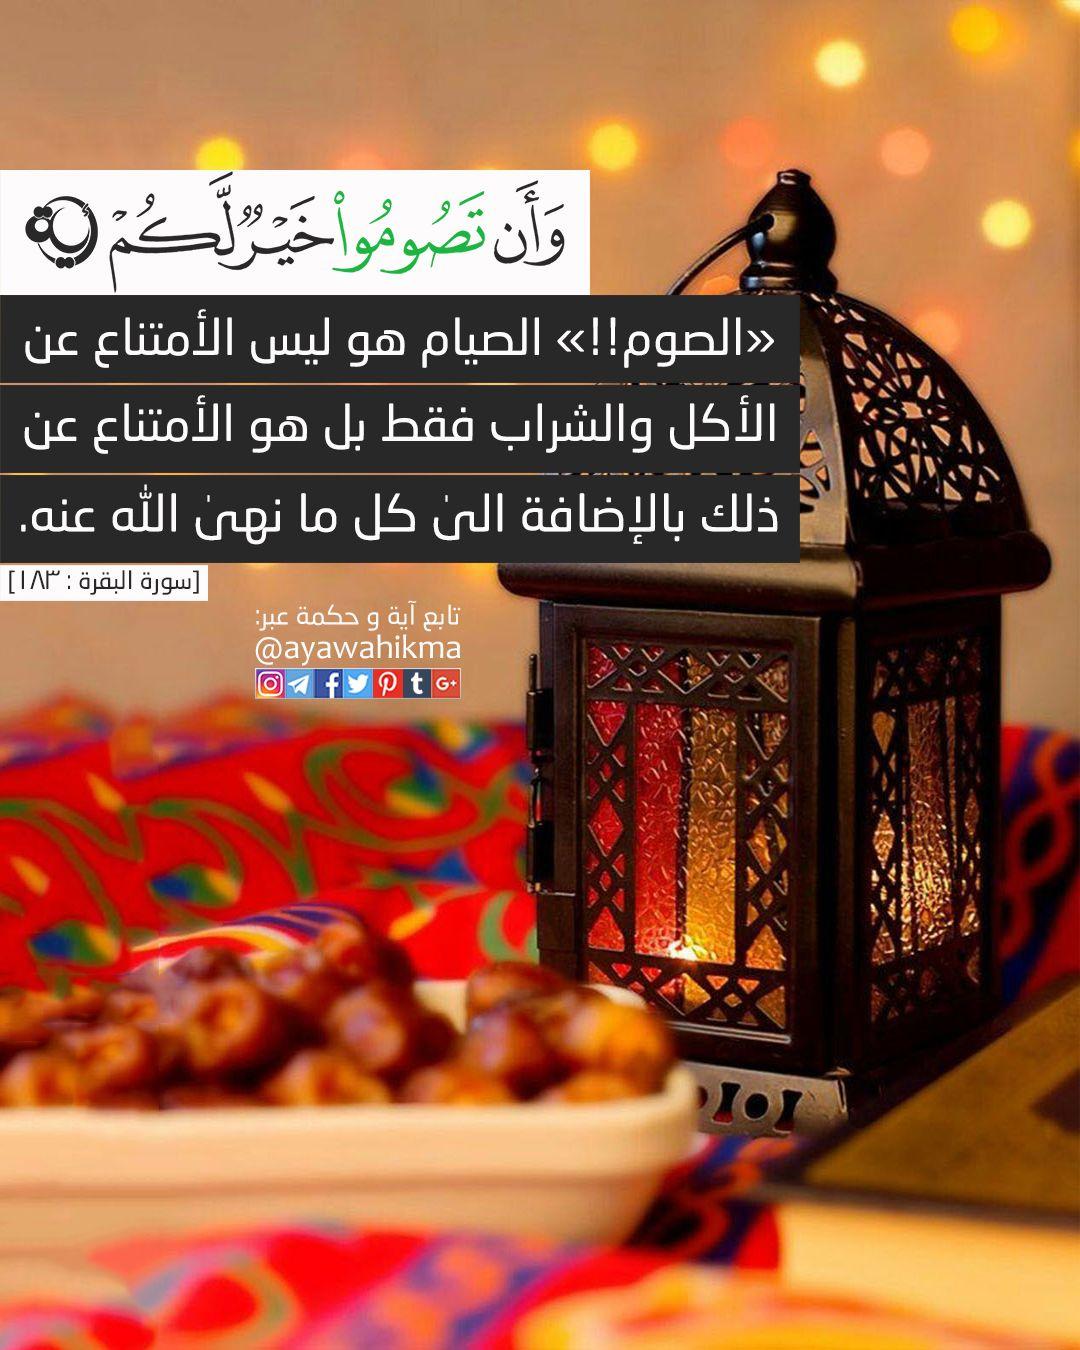 آیة و حكمة و أ ن ت ص وم وا خ ي ر ل ك م سورة البقرة ١٨٤ الصوم الصیام هو لیس الامتناع عن الأكل Logo Design Infinity Arabic Love Quotes Ramadan